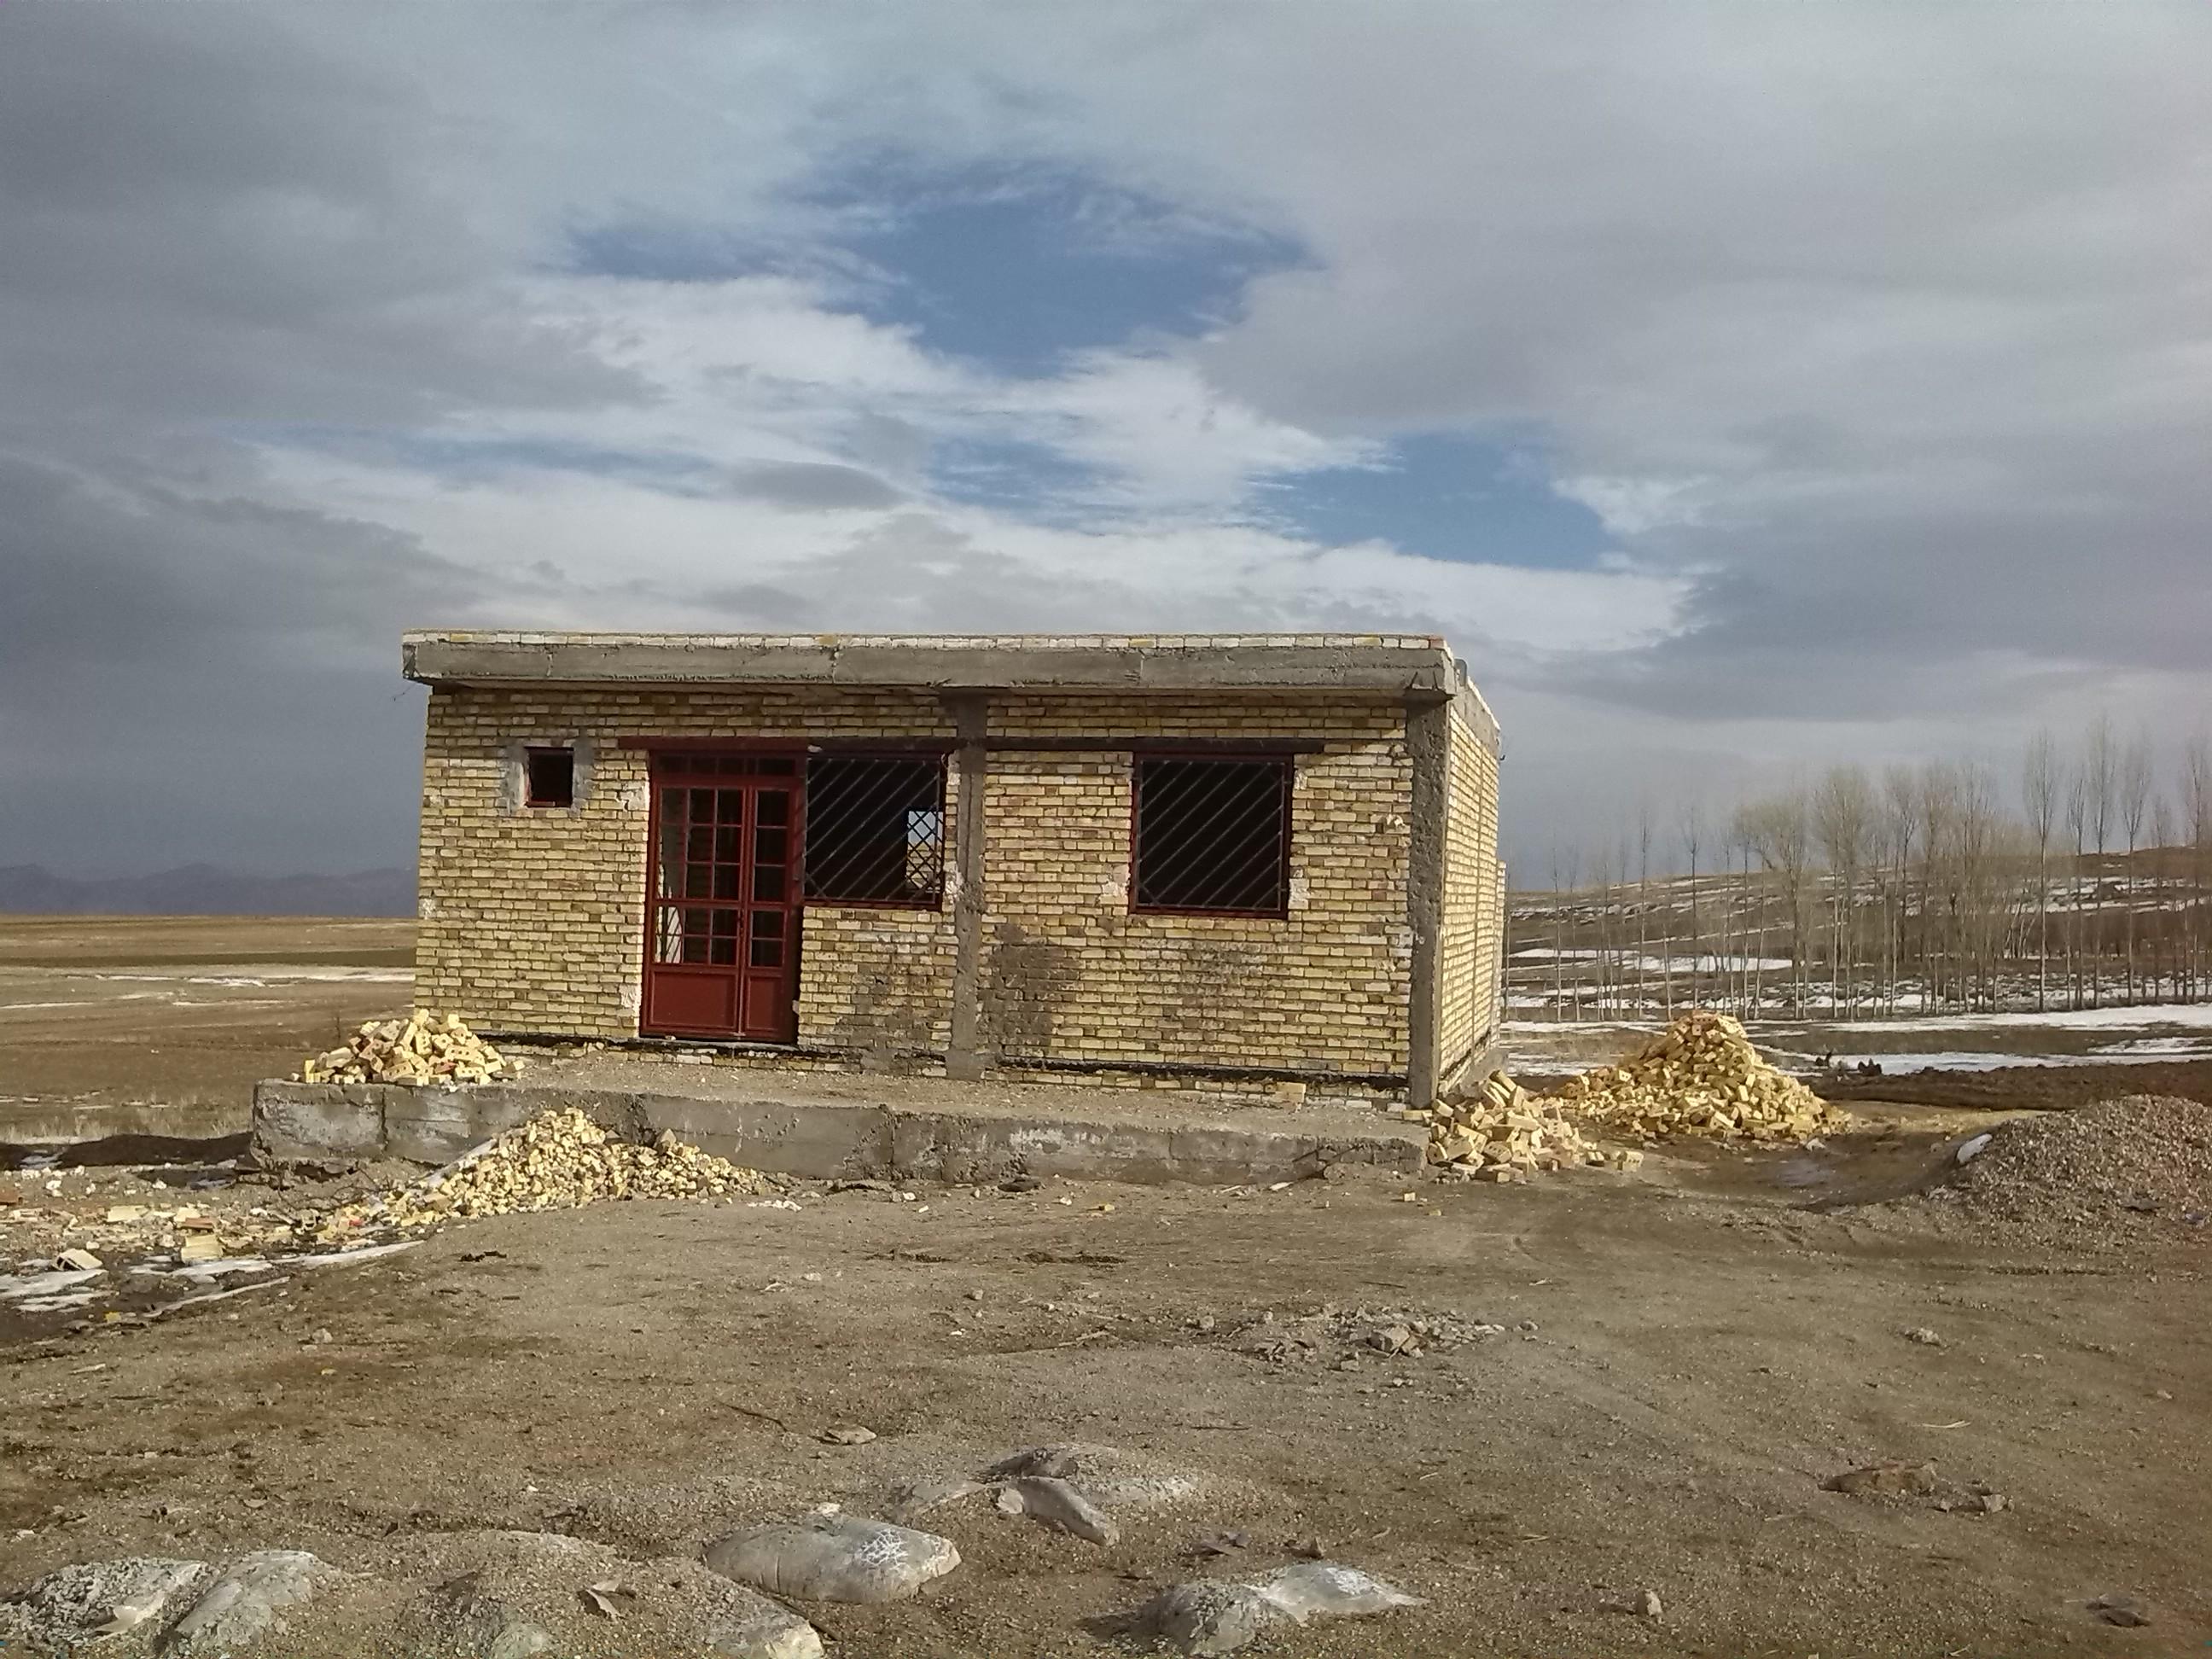 عکس از ساخت خانه بهداشت روستا